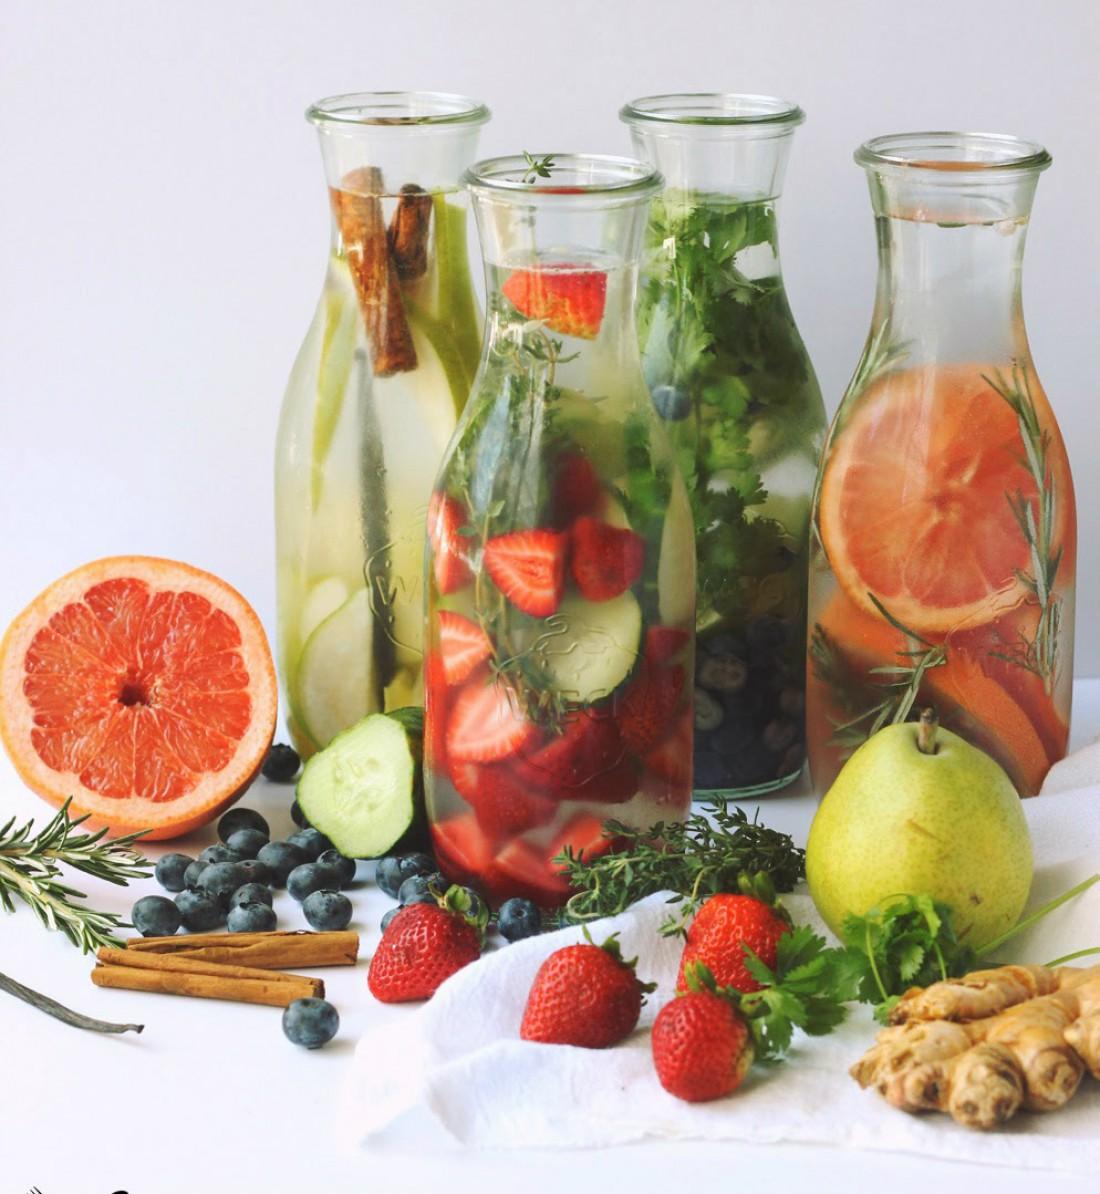 Детокс-напитки способствуют очищению организма от токсических веществ